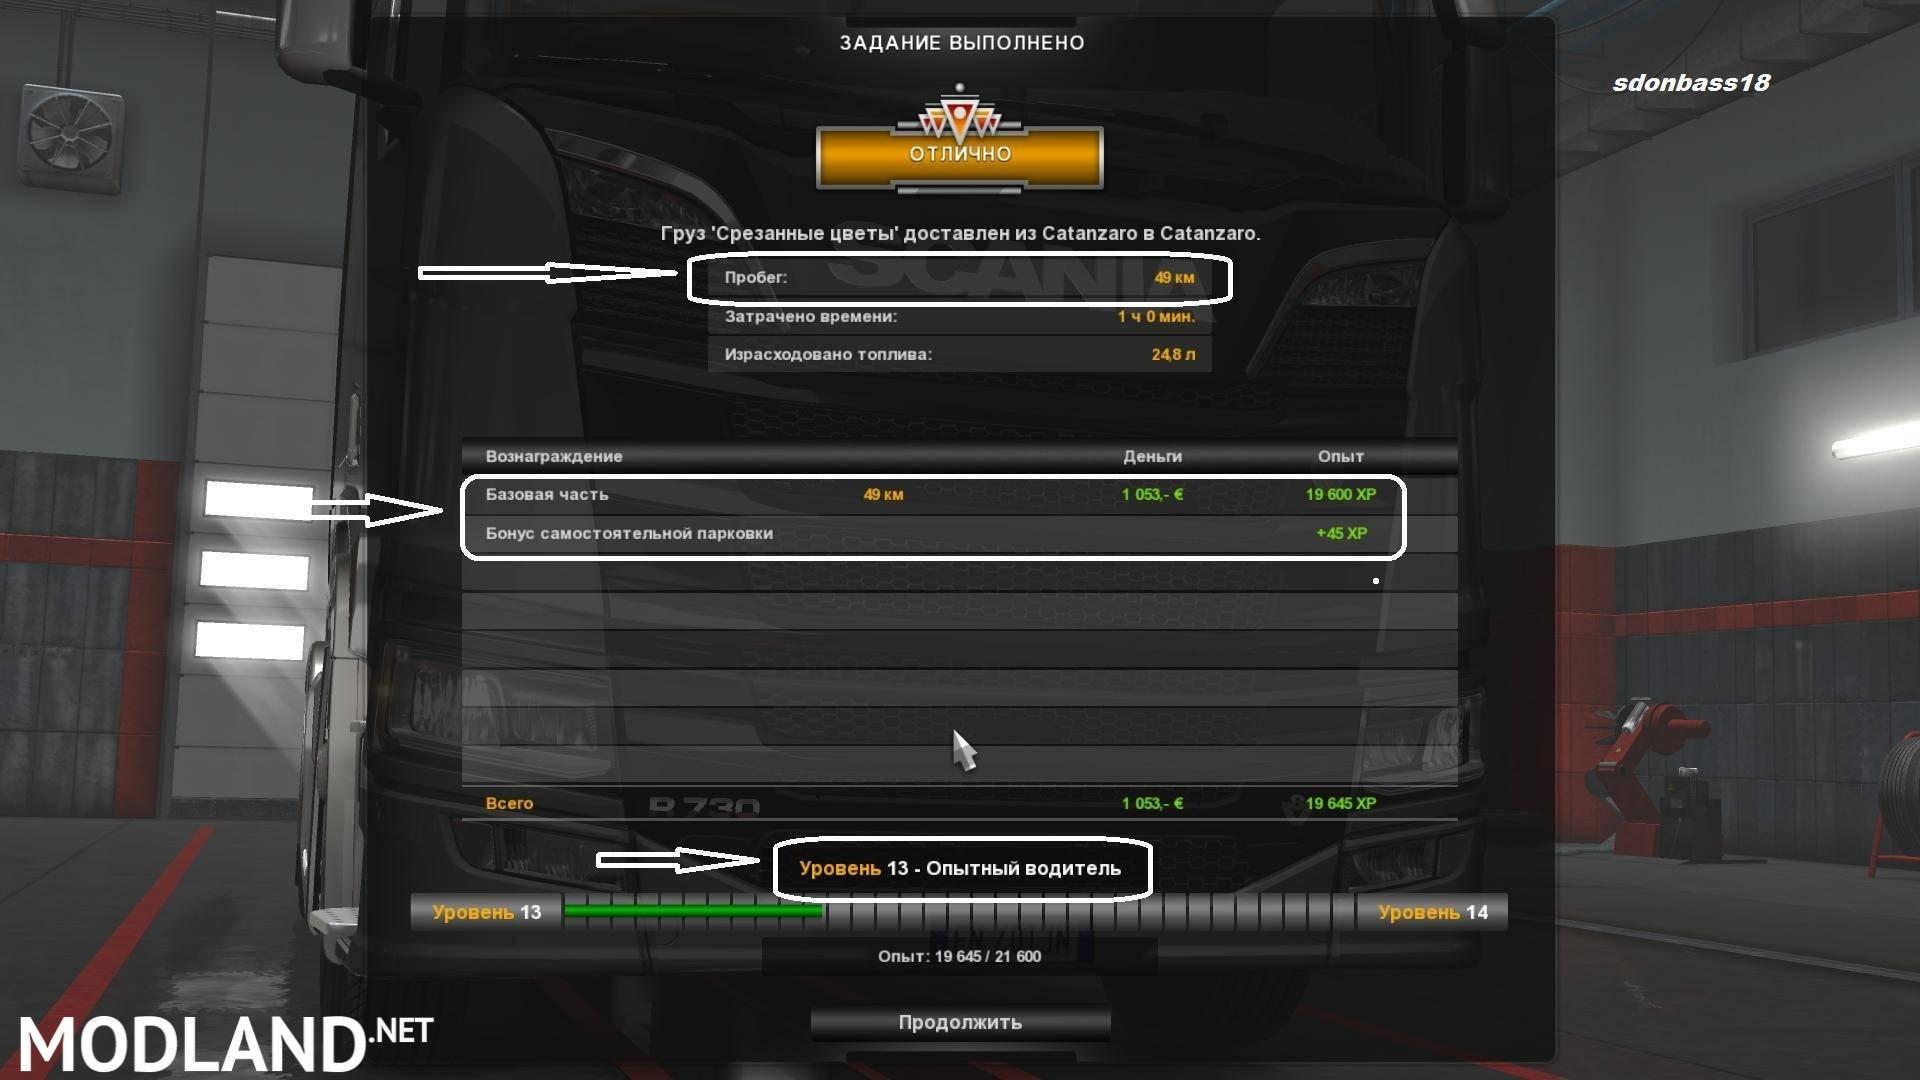 Volvo Truck Dealer >> Start 2000000 euro + XP + Level v2.0 mod for ETS 2